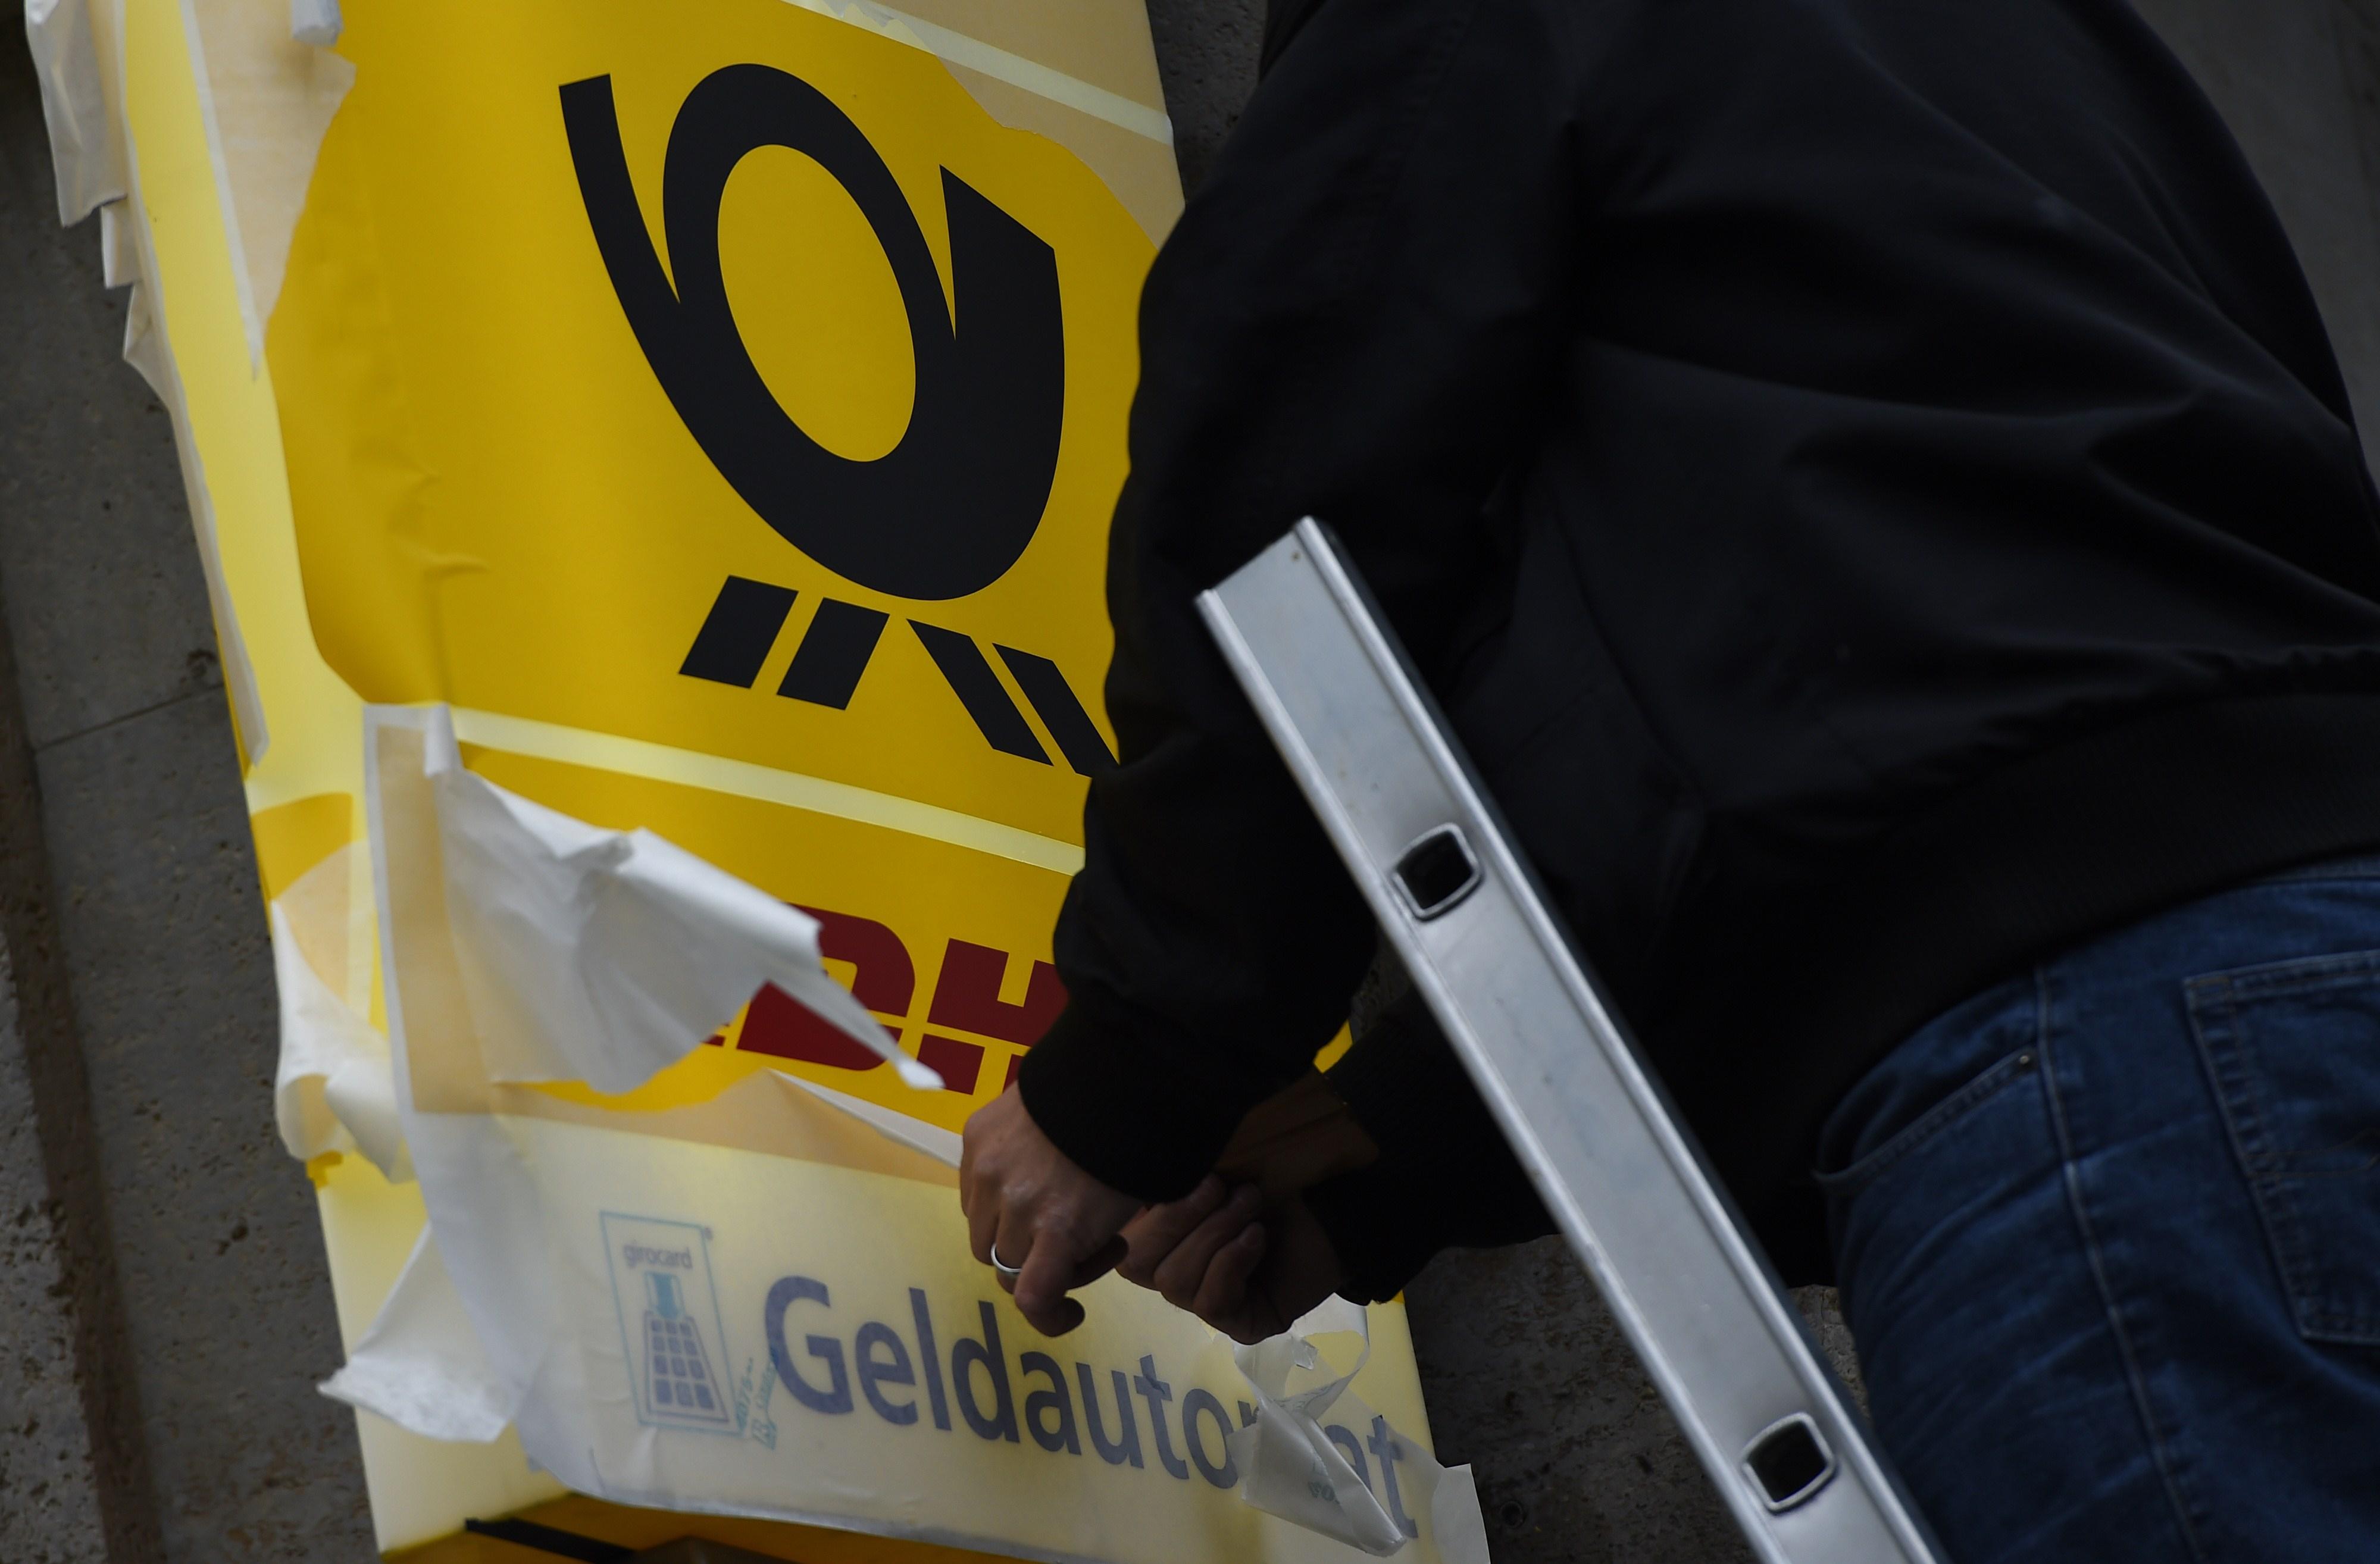 Poststreik: Offener Brief eines Unternehmers an die Deutsche Post